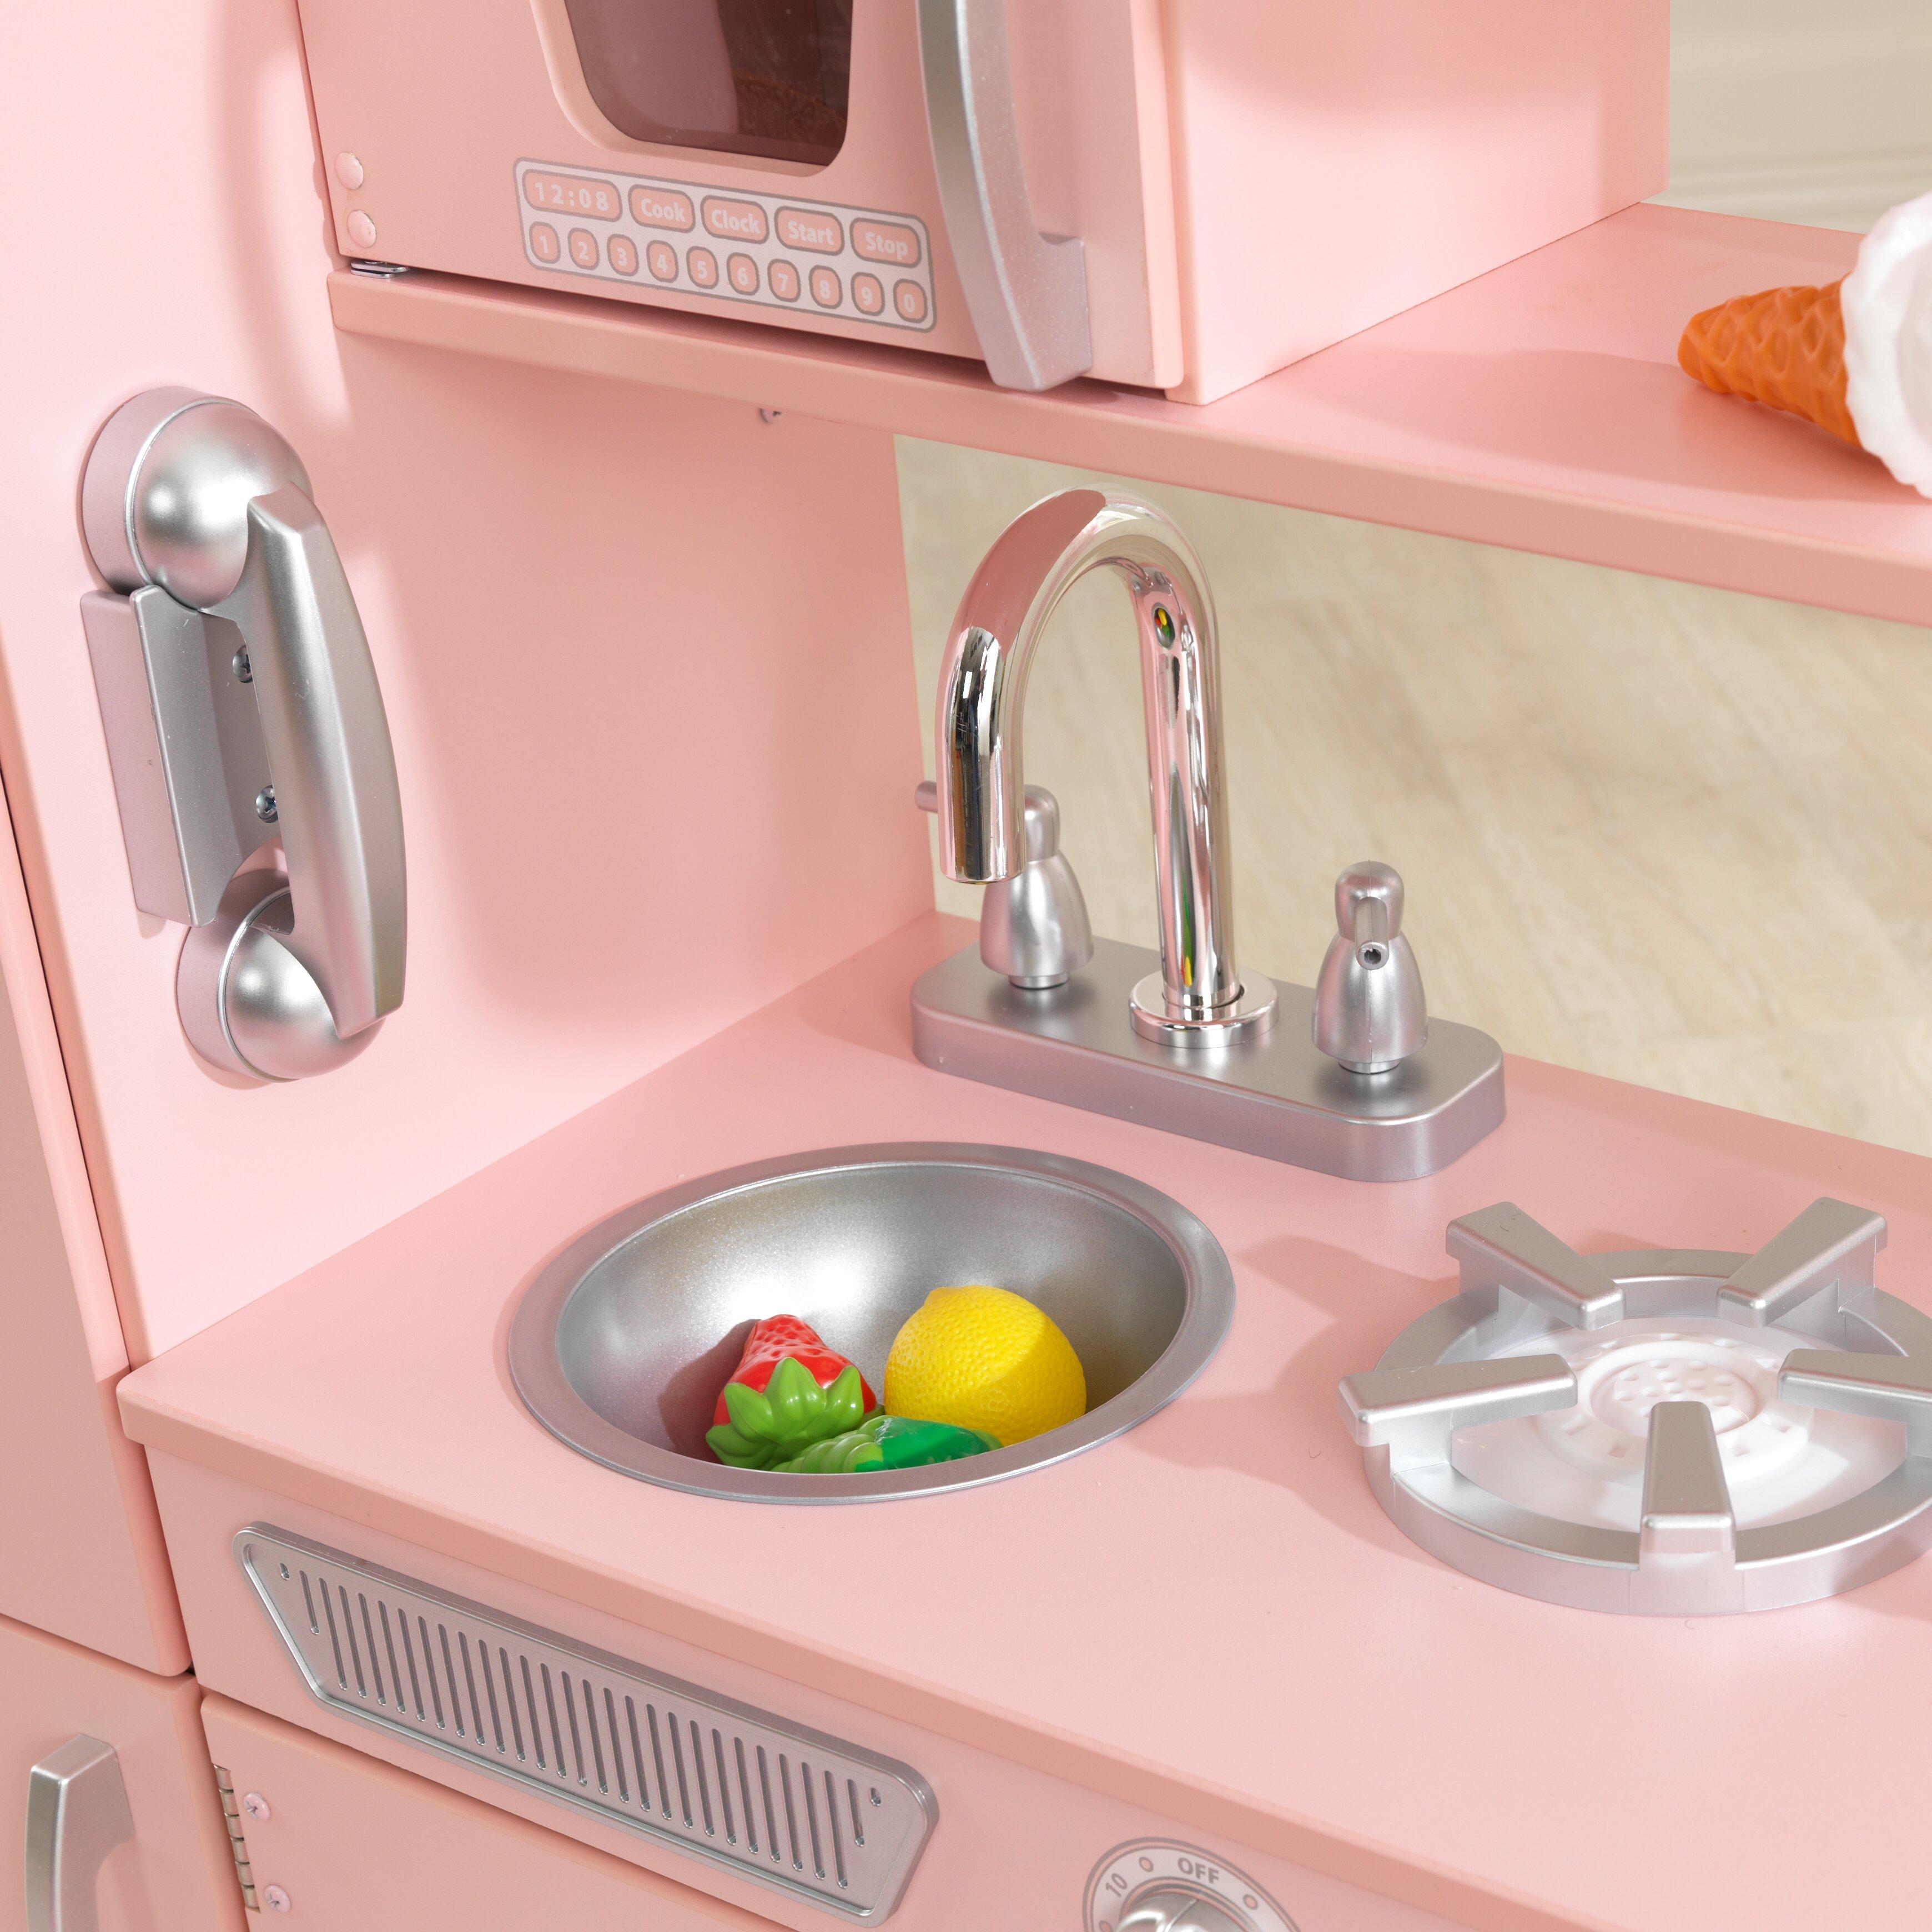 kidkraft vintage kitchen set & reviews | wayfair uk